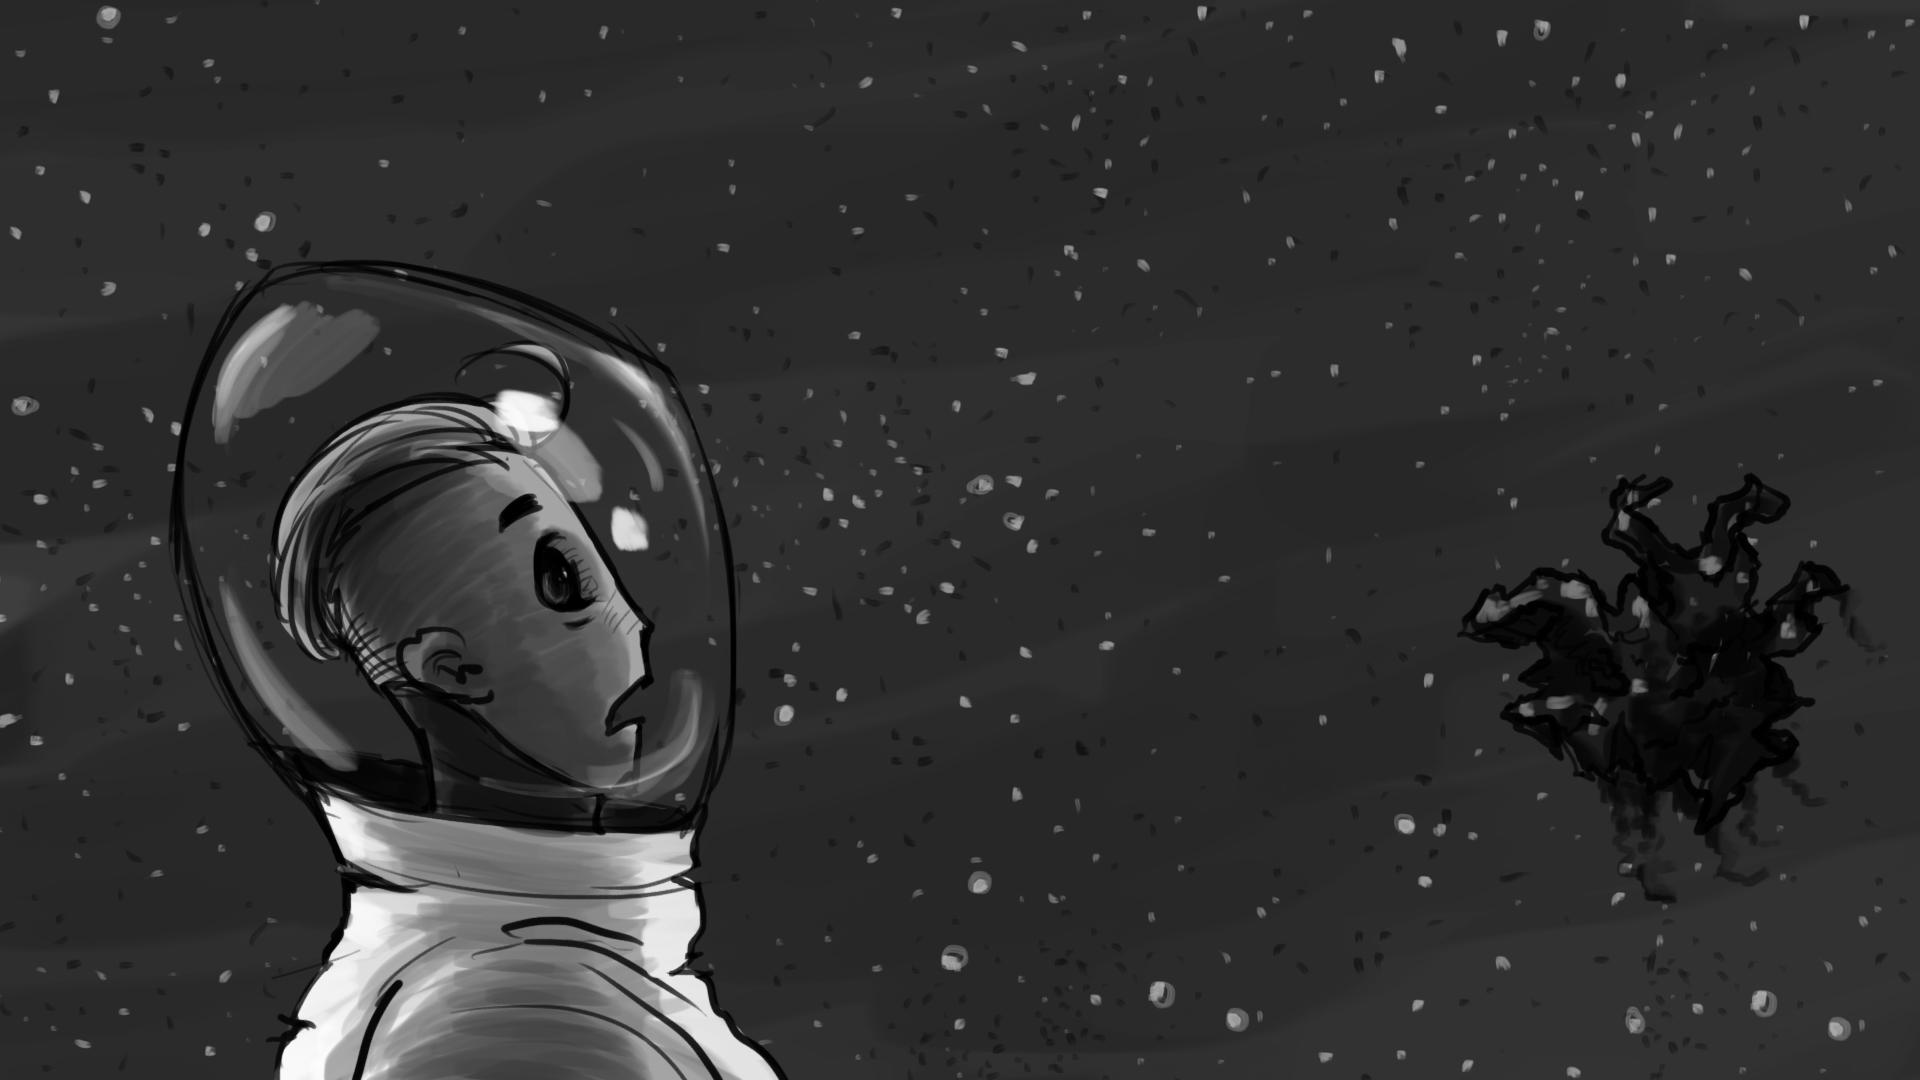 Rocket_Man_Storyboard_Artboard 26.jpg